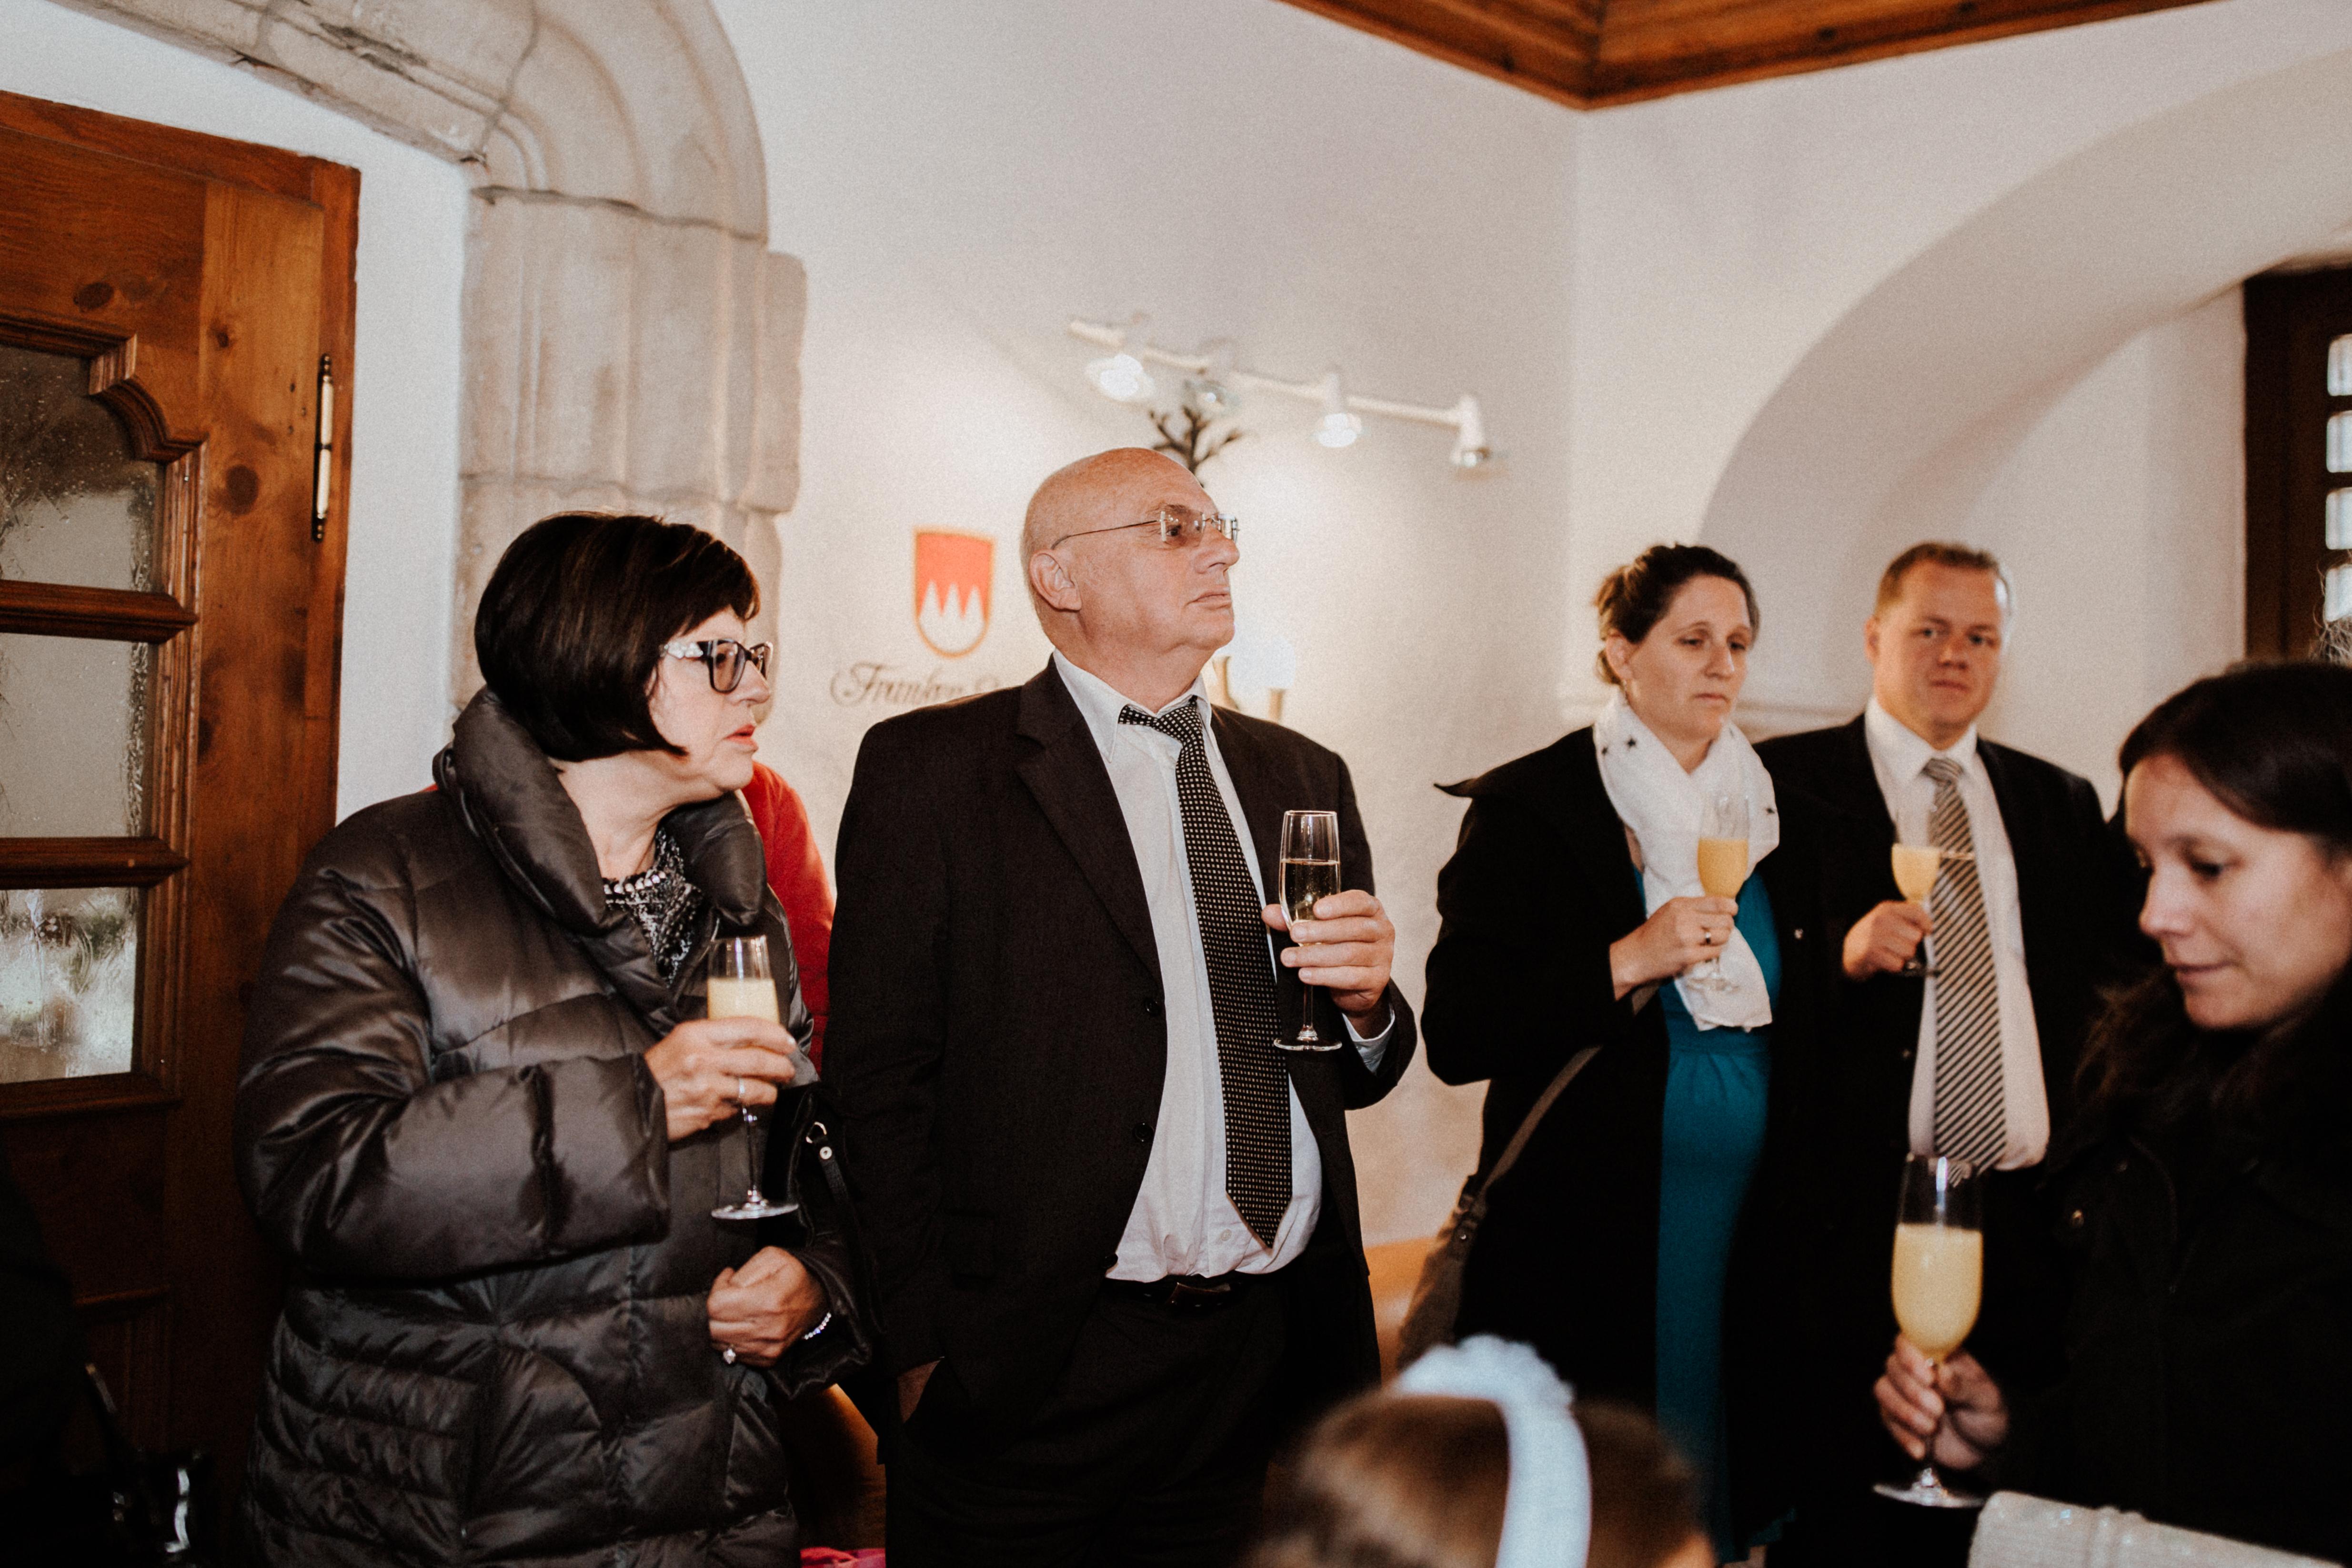 URBANERIE_Daniela_Goth_Hochzeitsfotografin_Nürnberg_Fürth_Erlangen_Schwabach_171007_0879